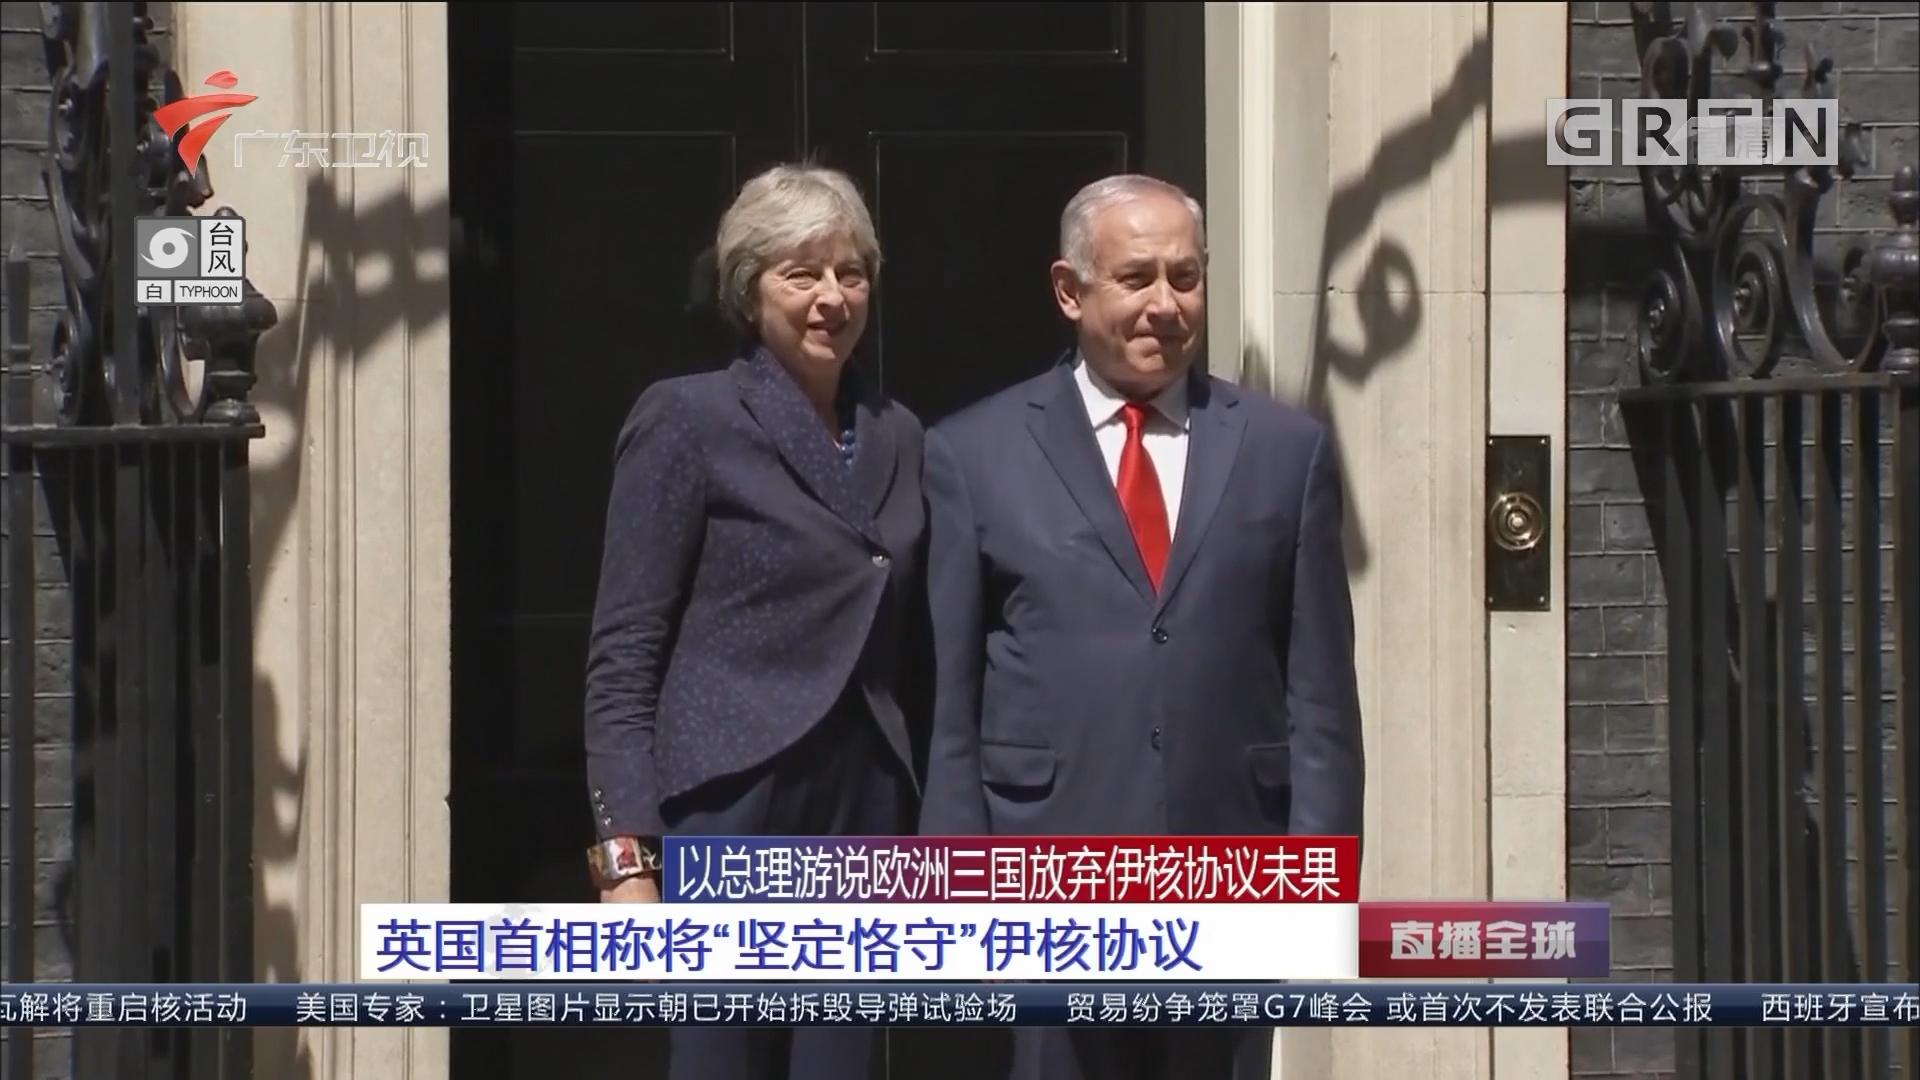 """以总理游说欧洲三国放弃伊核协议未果:英国首相称将""""坚定恪守""""伊核协议"""